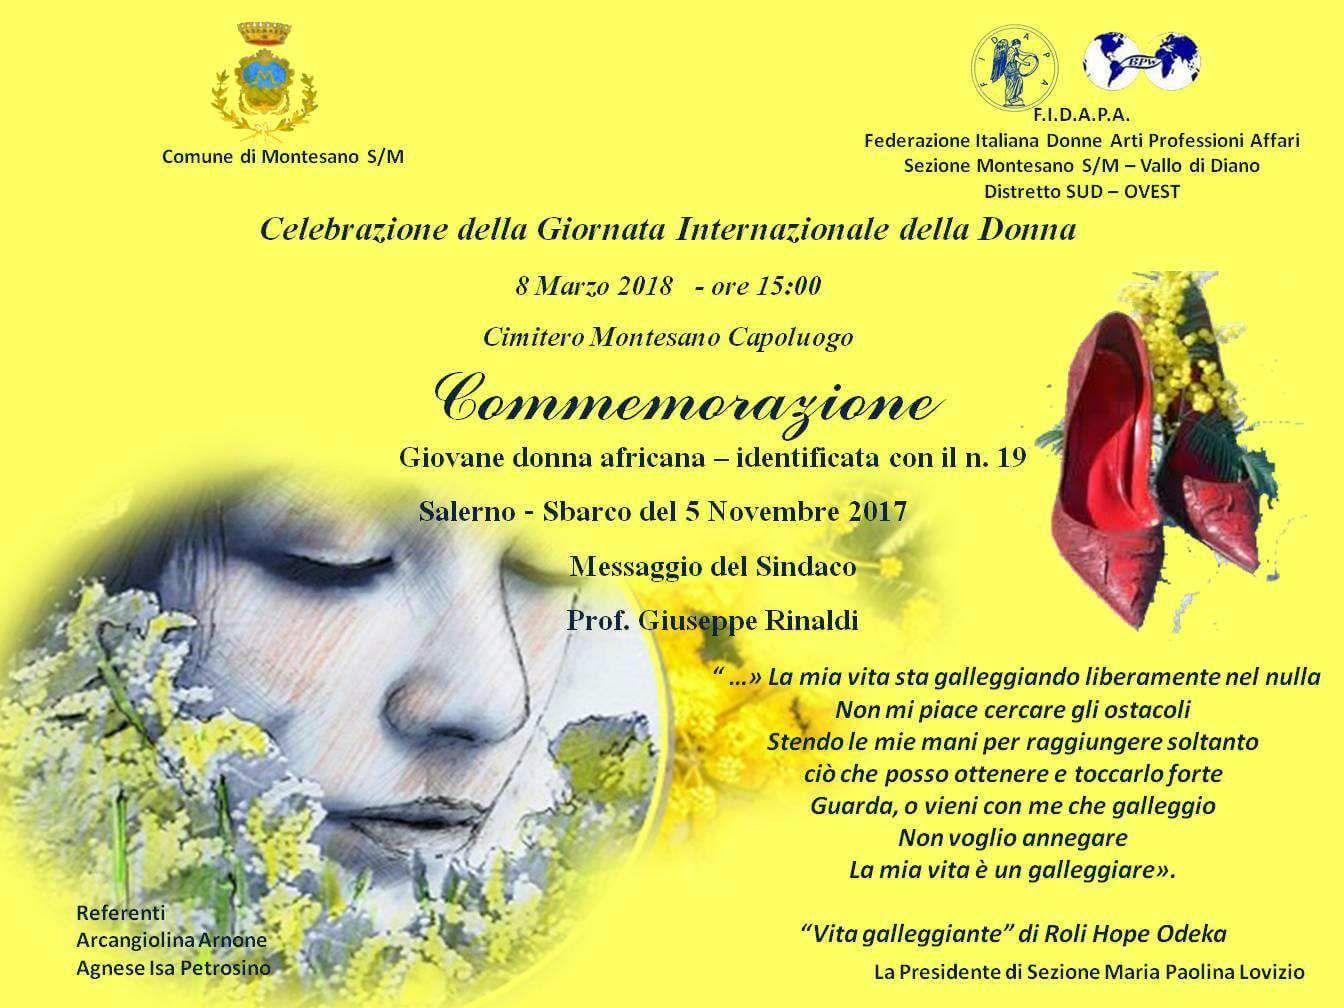 Celebrazione Giornata Internazionale della Donna 2018 a Montesano